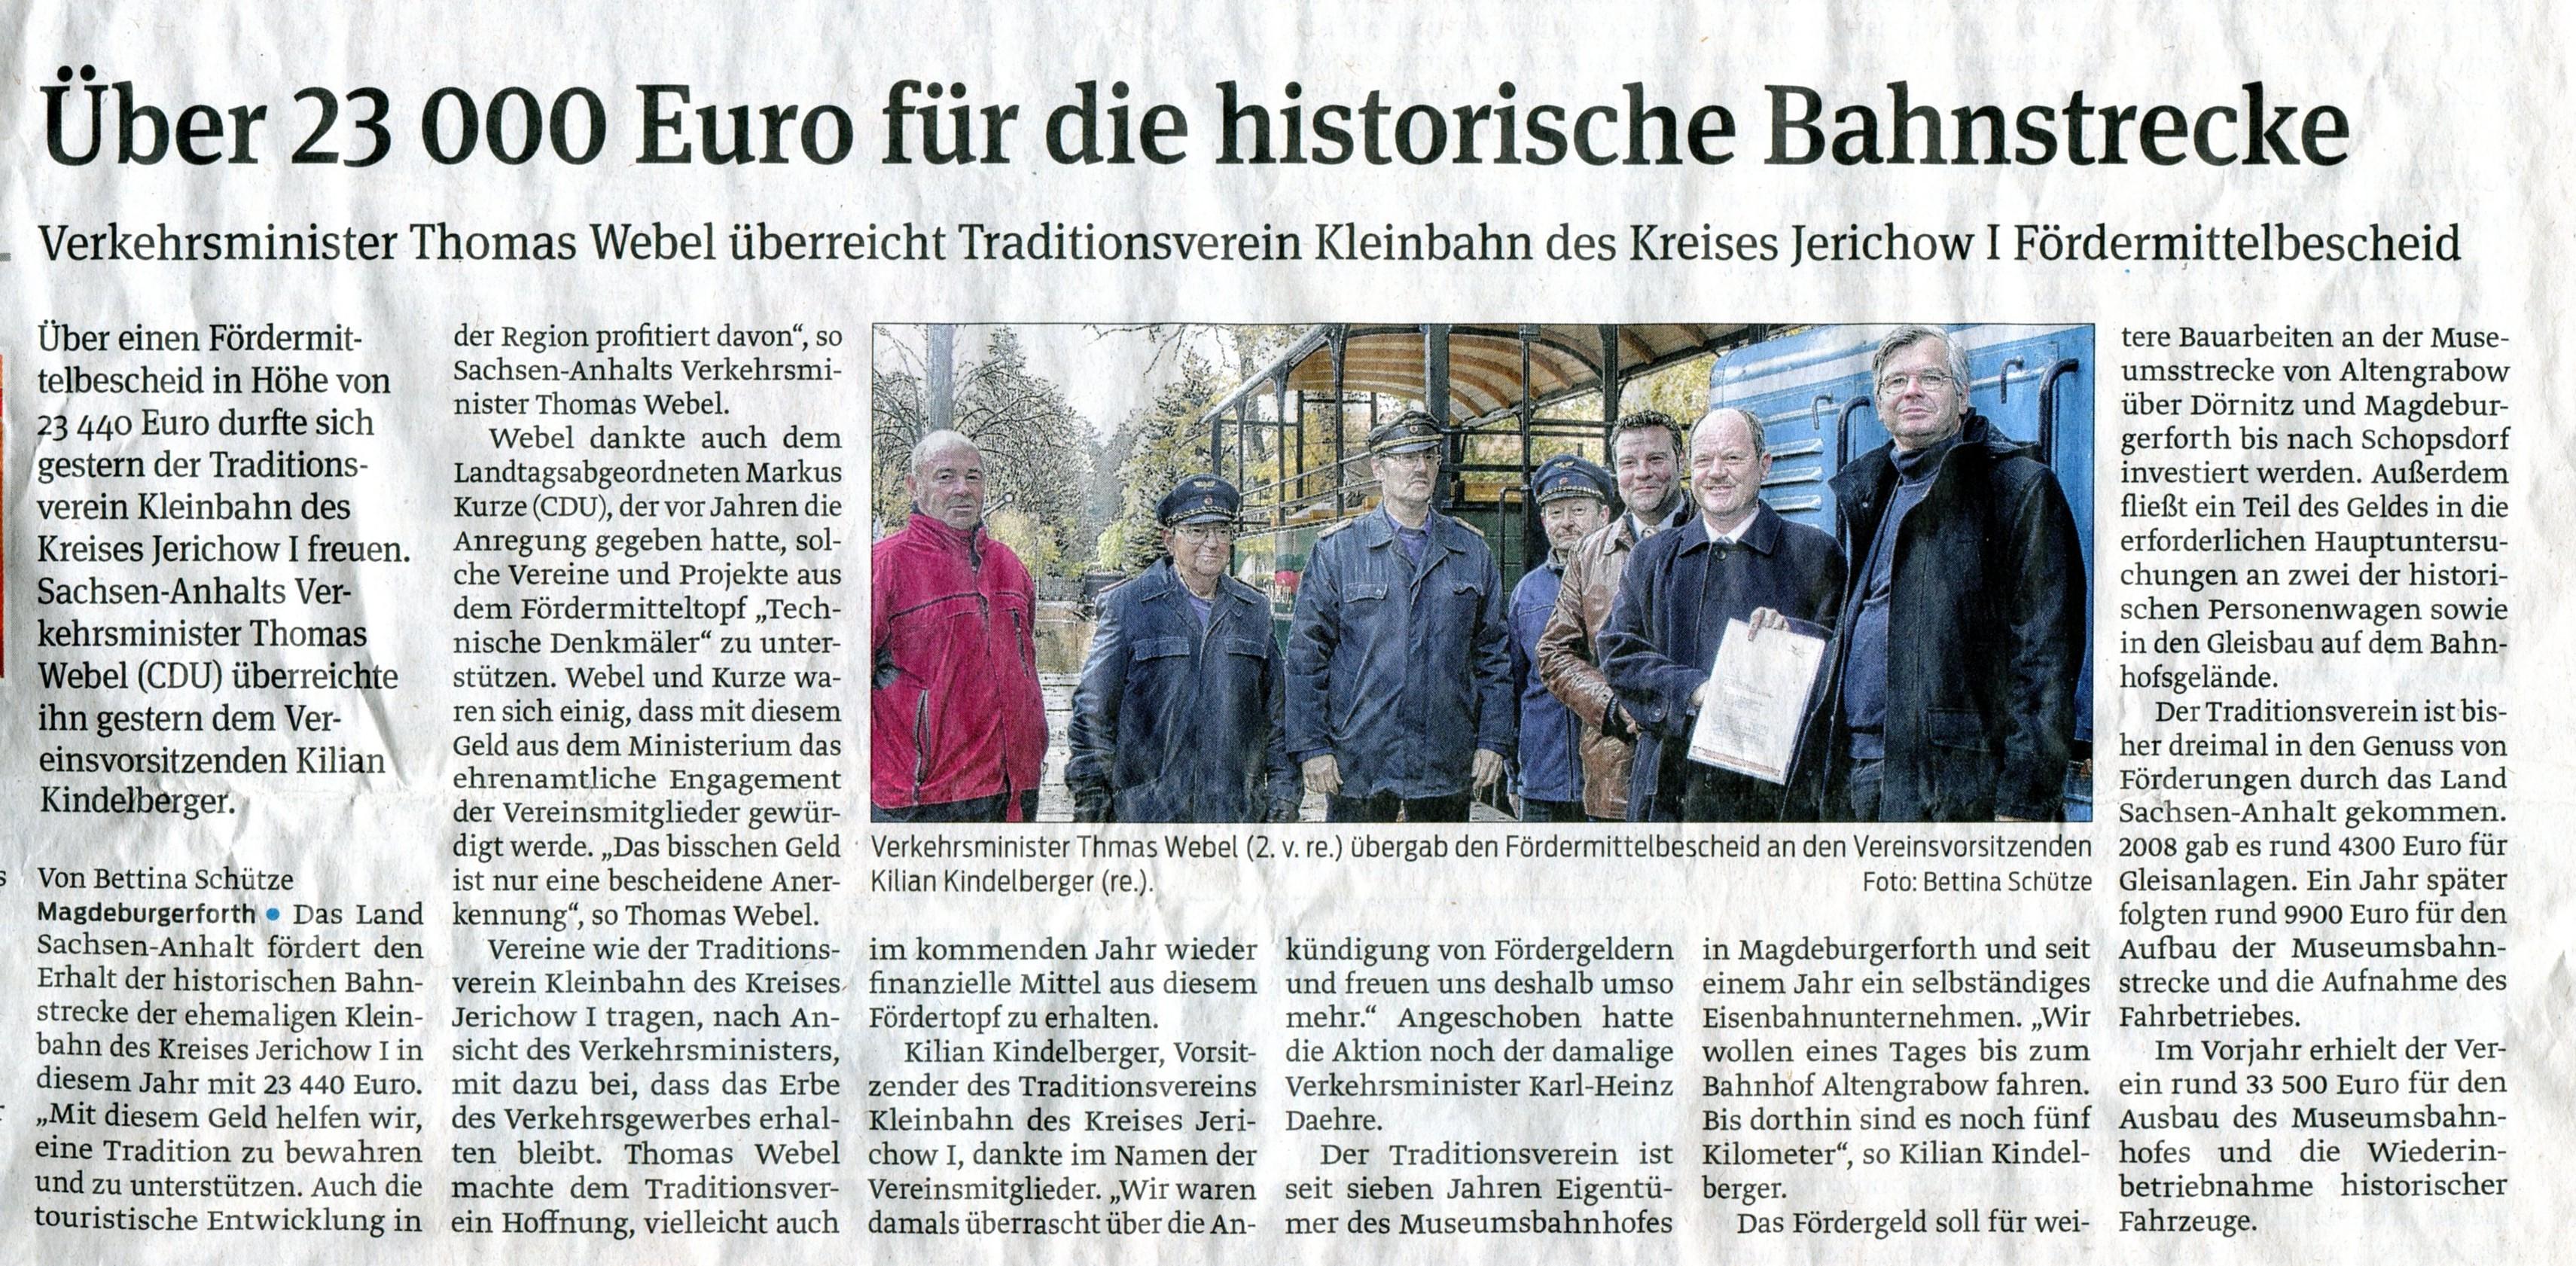 (Volksstimme/Burg 29.10.2012)